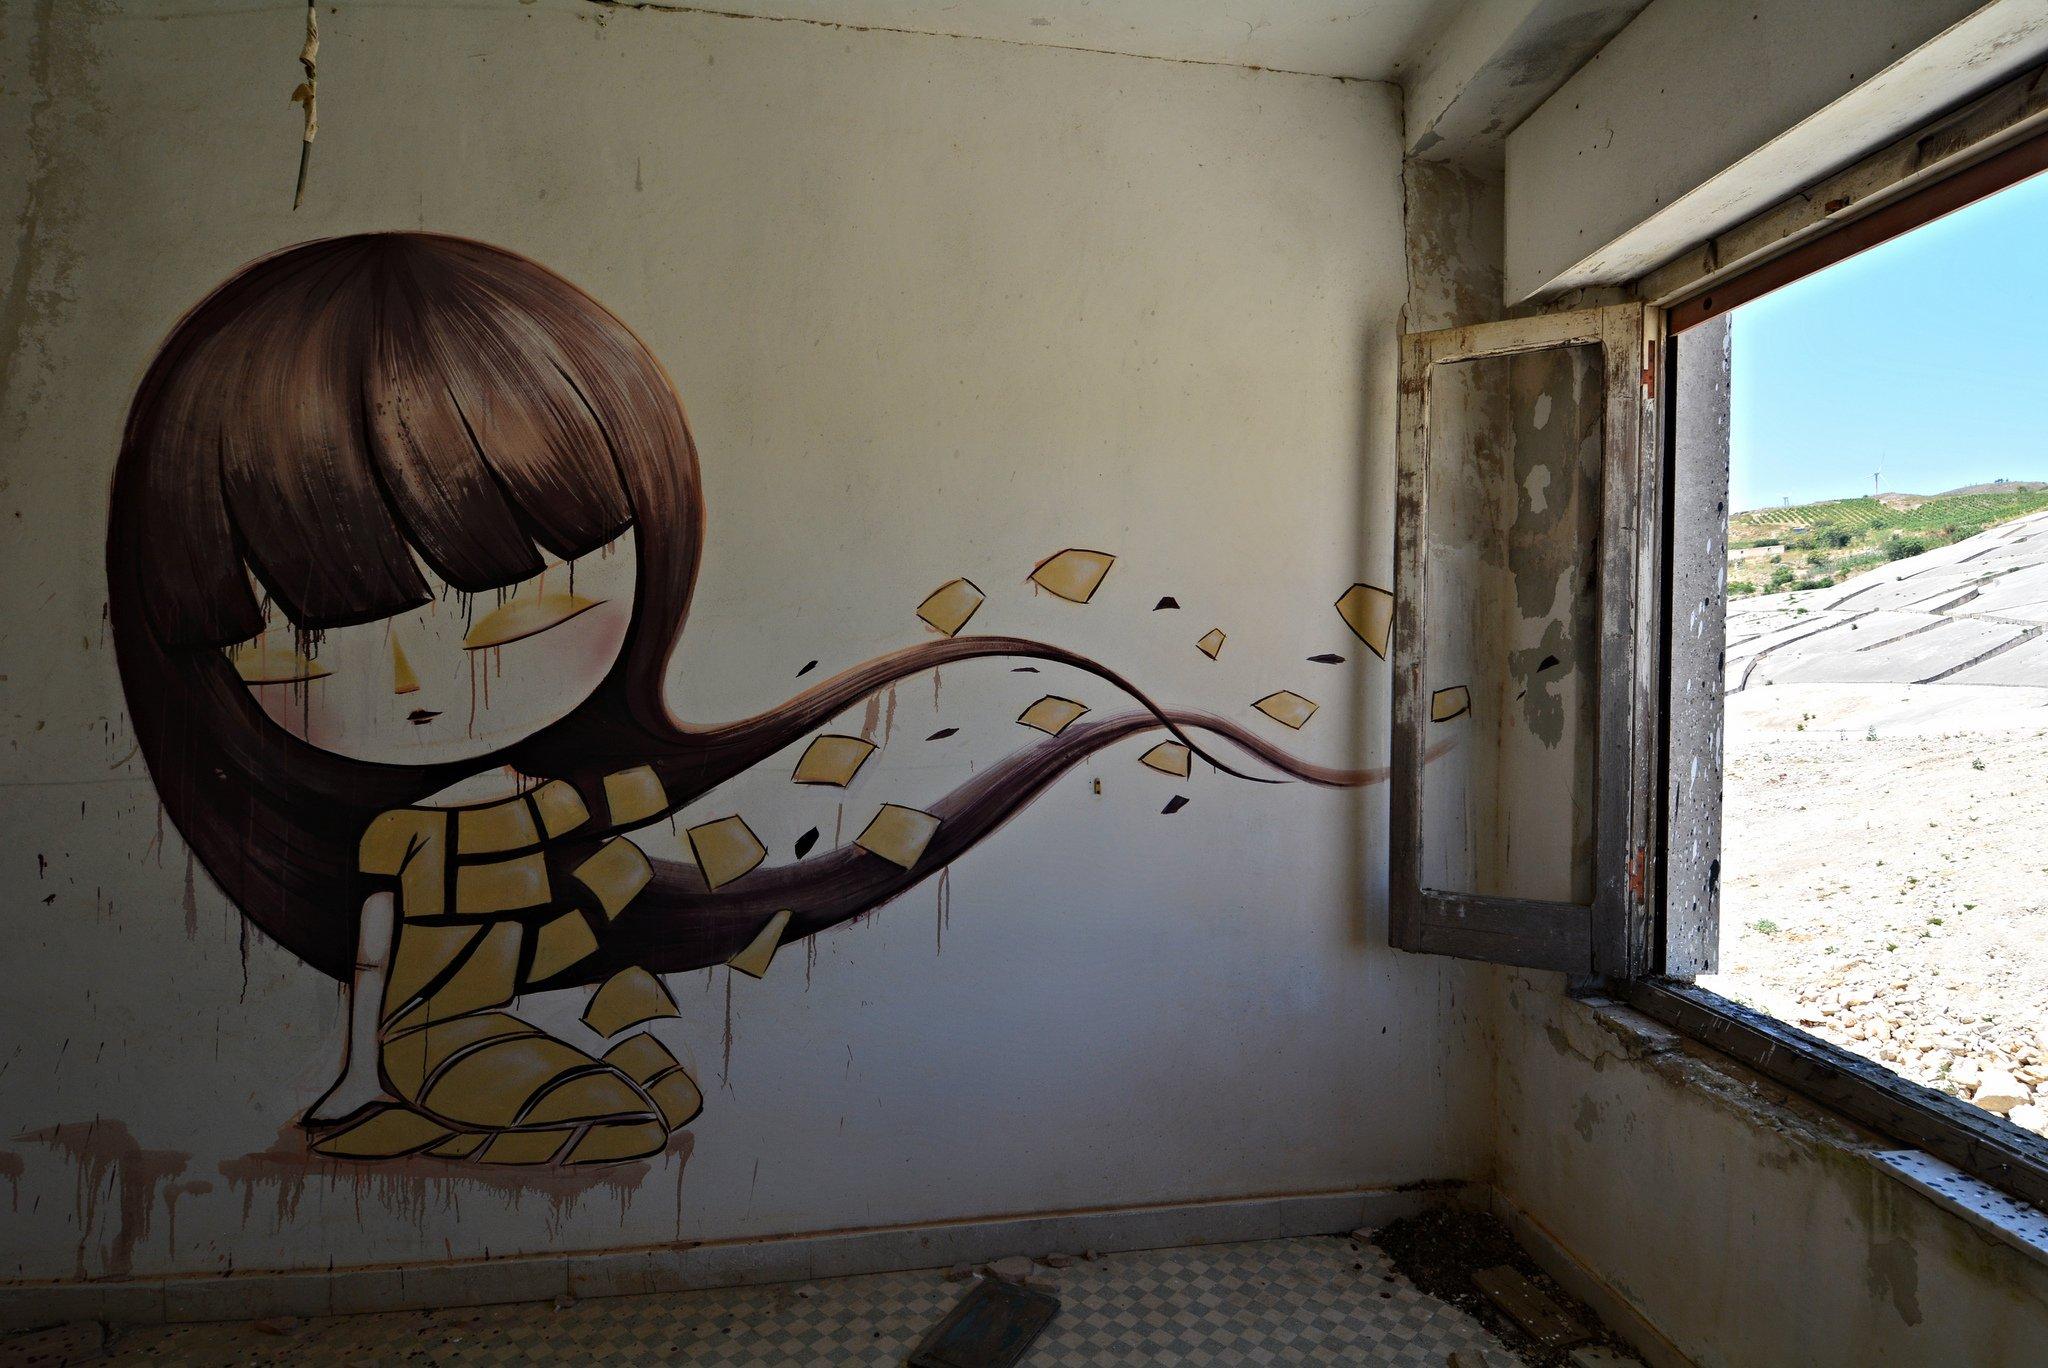 gibellina ruderi sicily street art